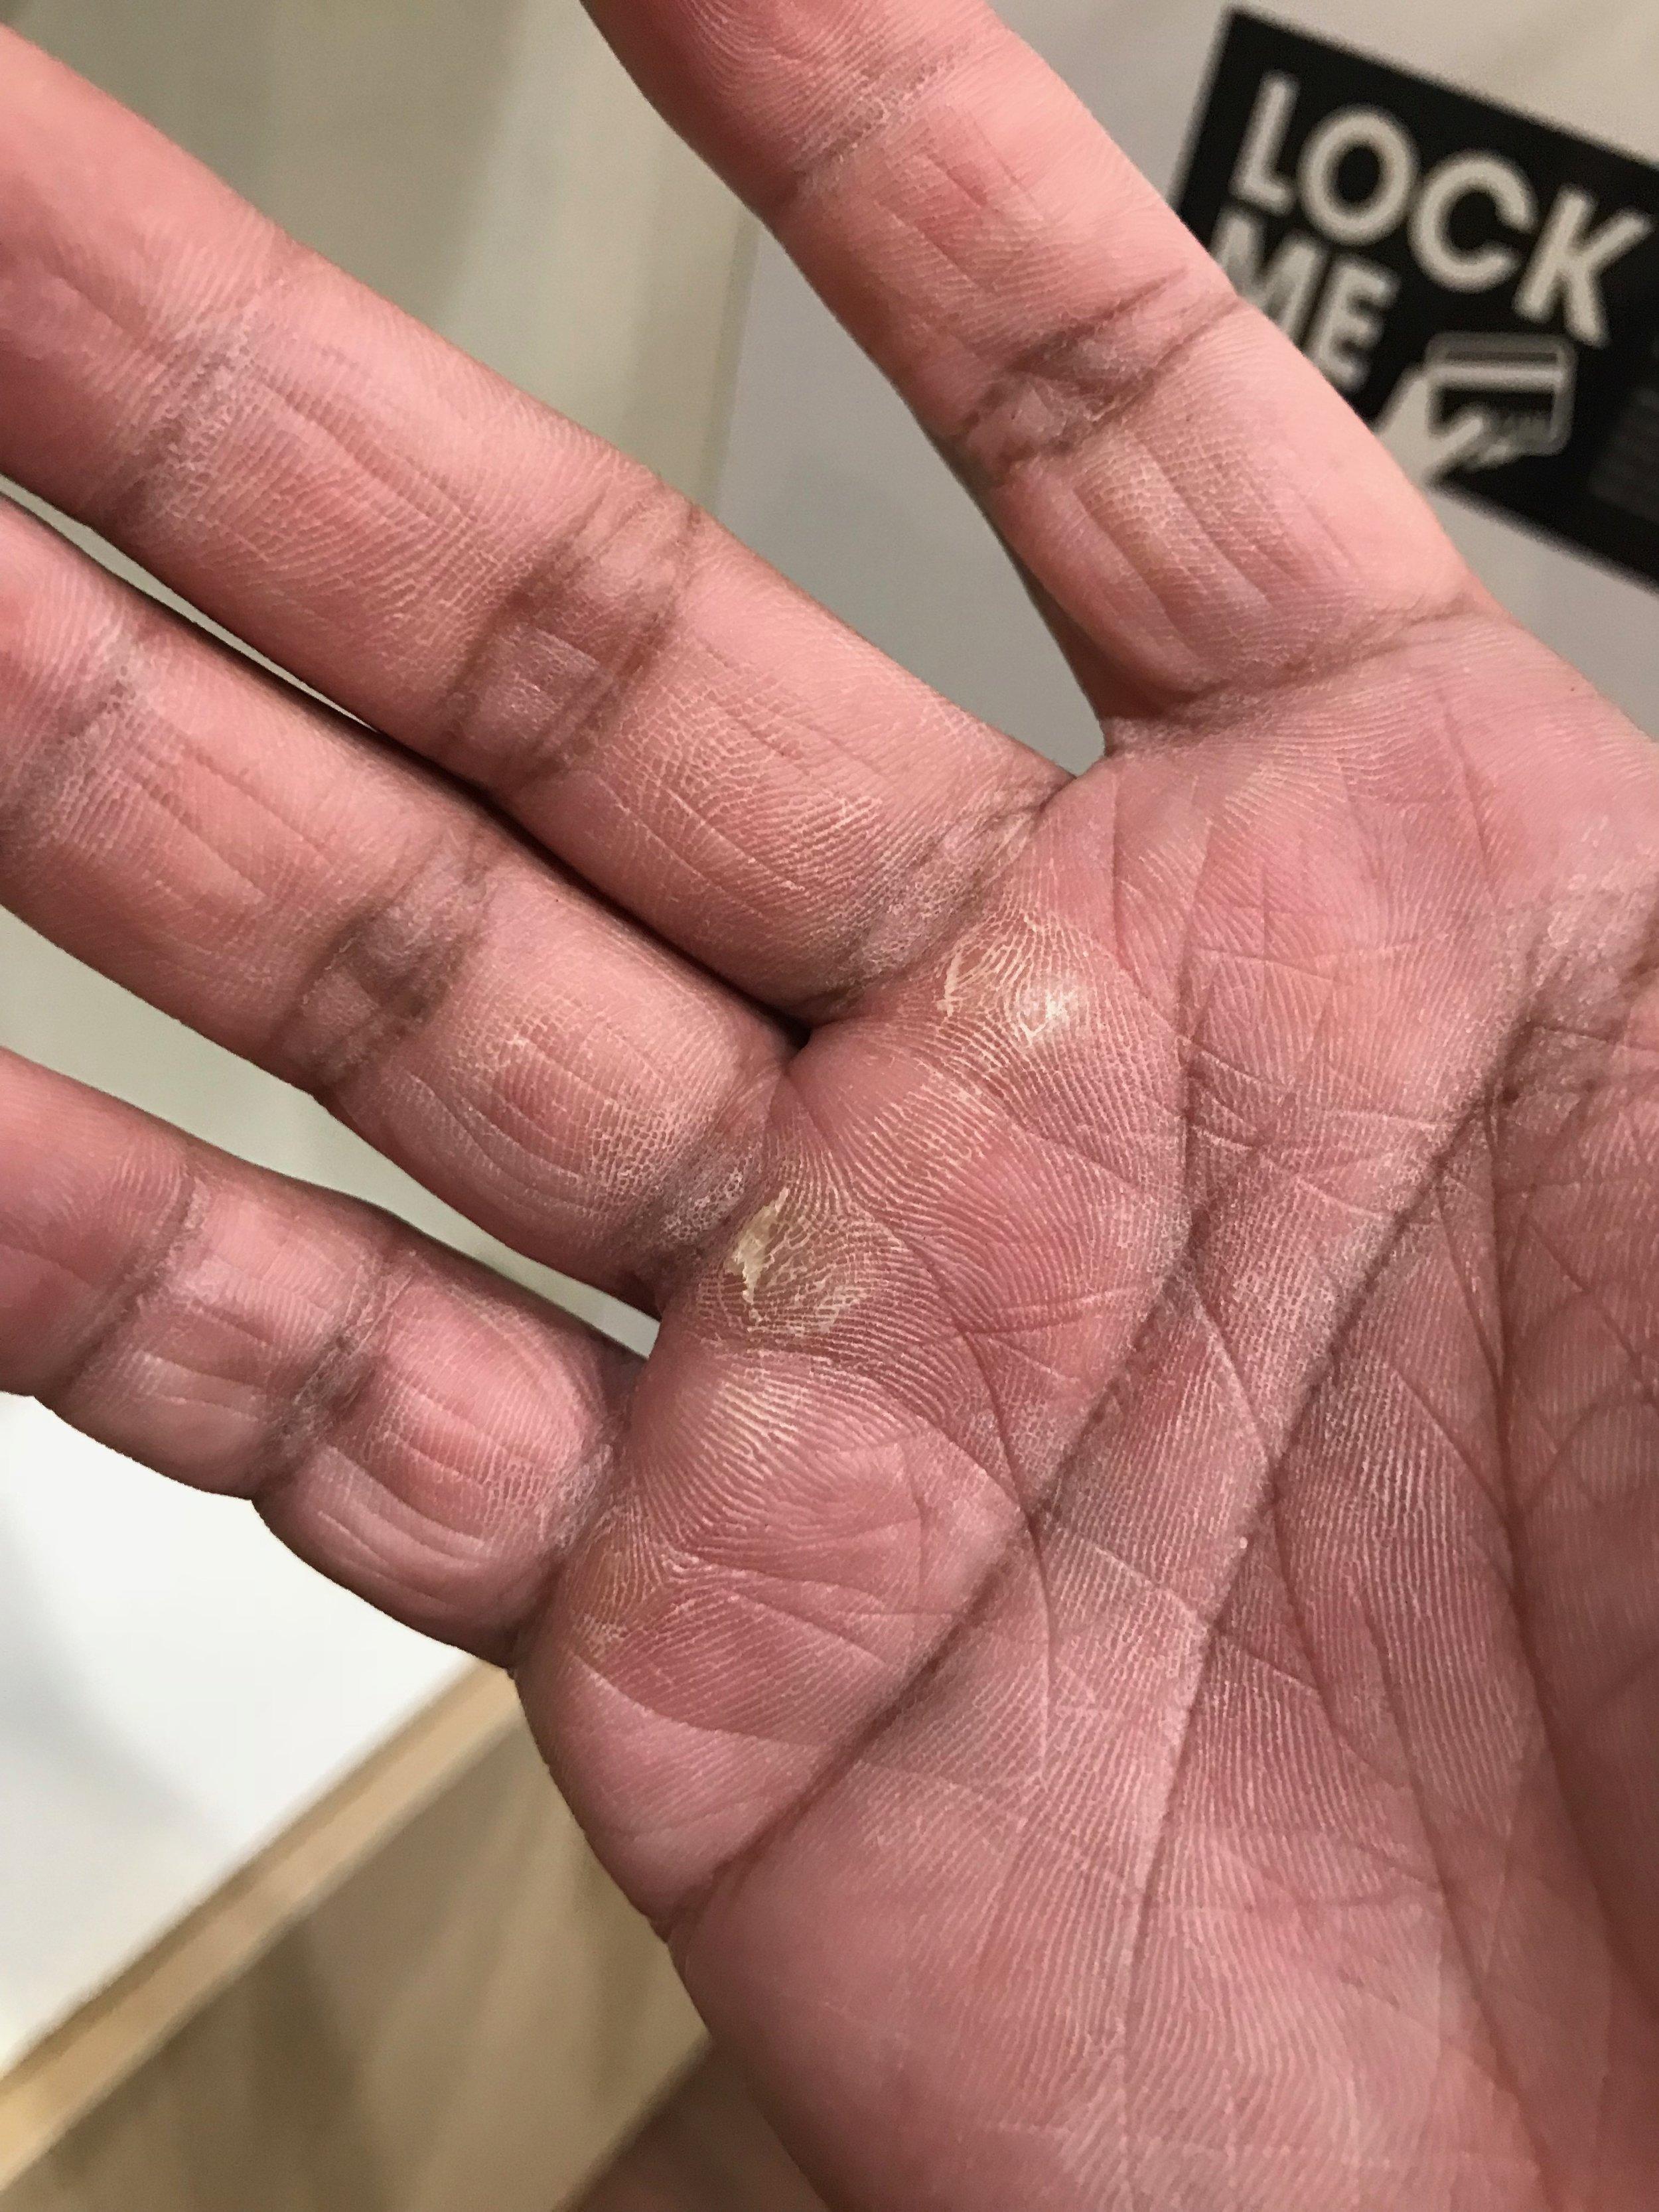 Weak ass hands after doing pullups